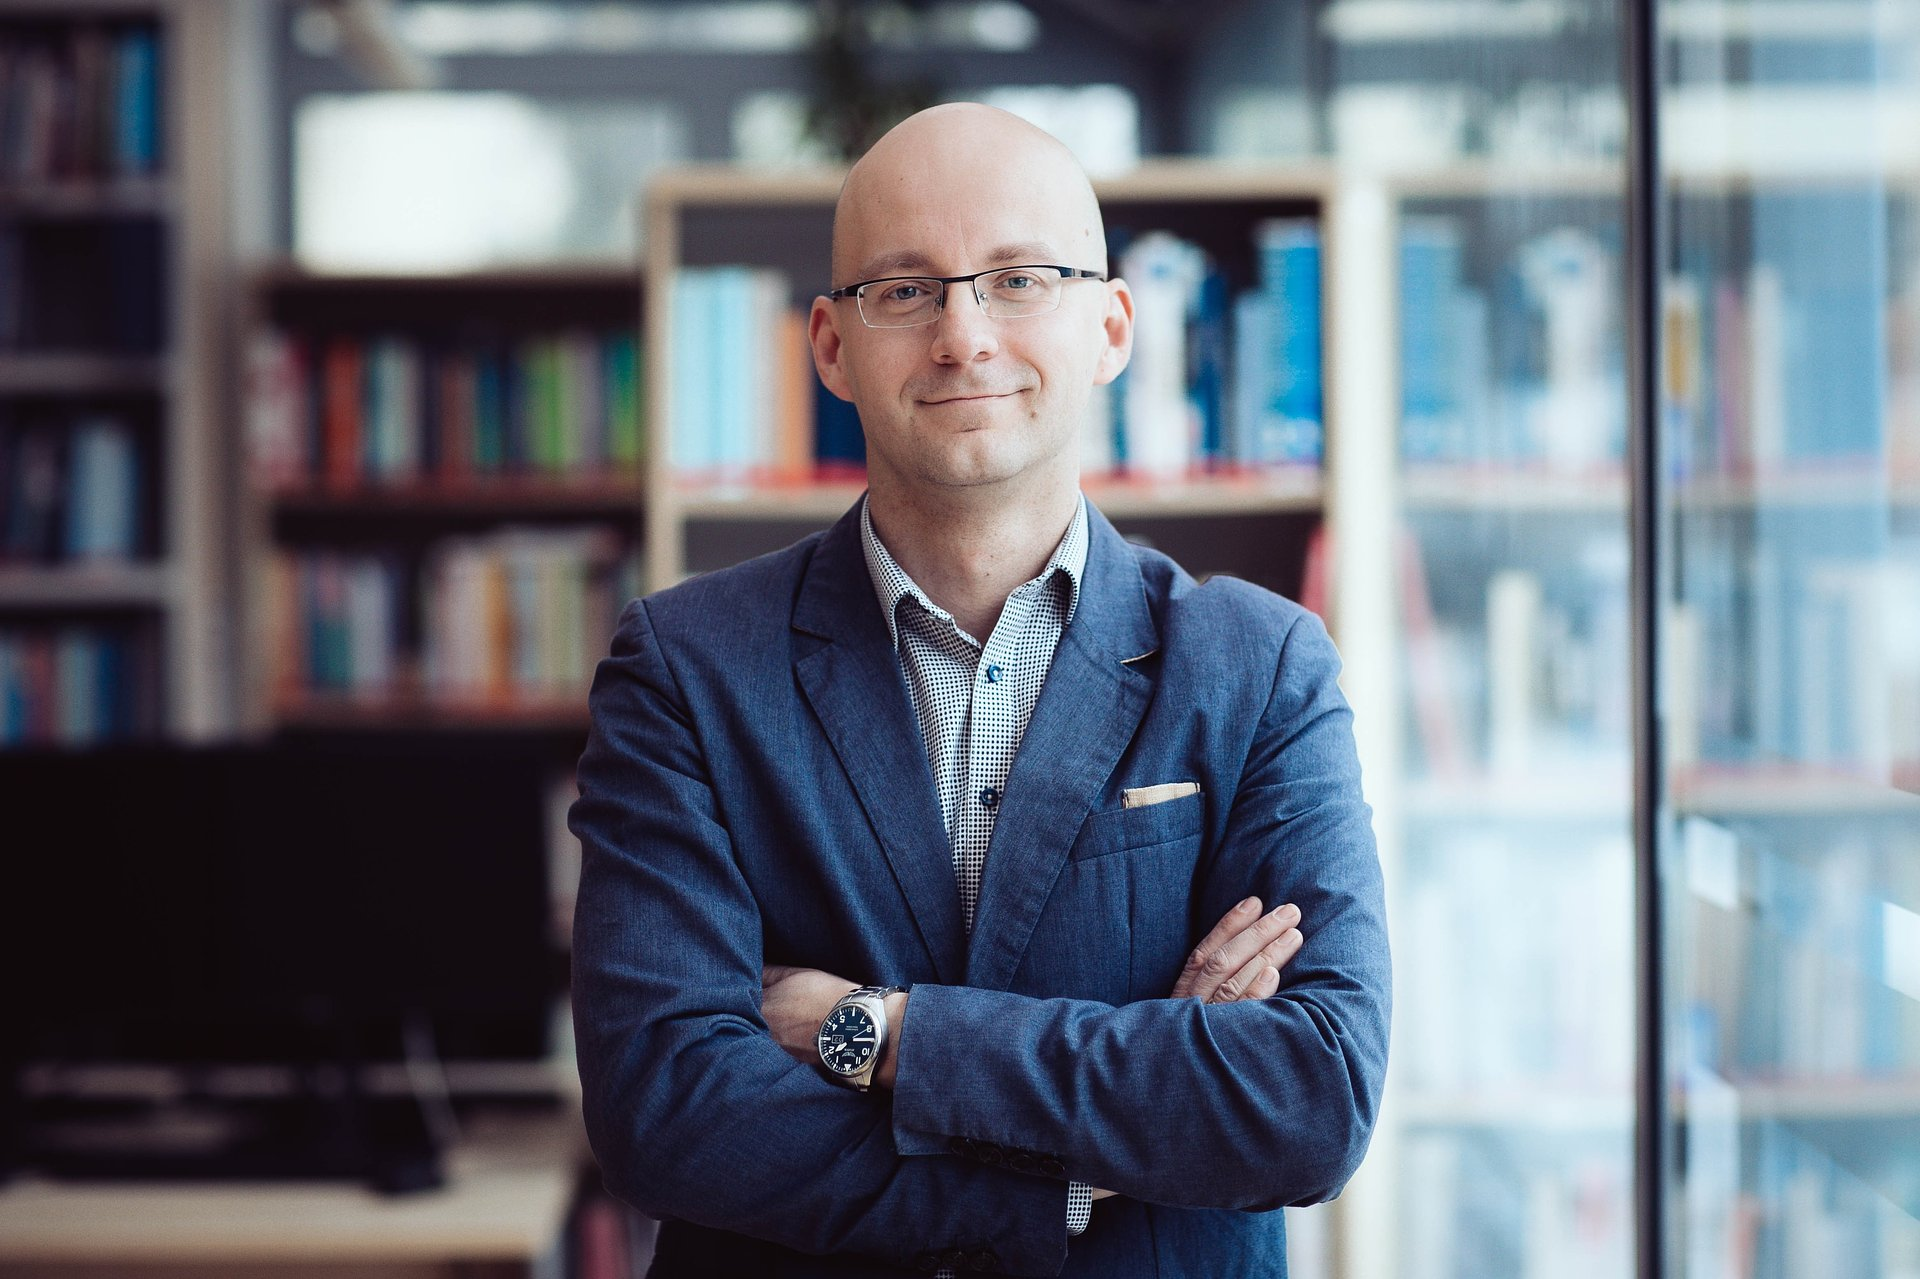 ekonomia/finanse/ ubezpieczenia/ przestępczość gospodarcza:dr Piotr Majewski